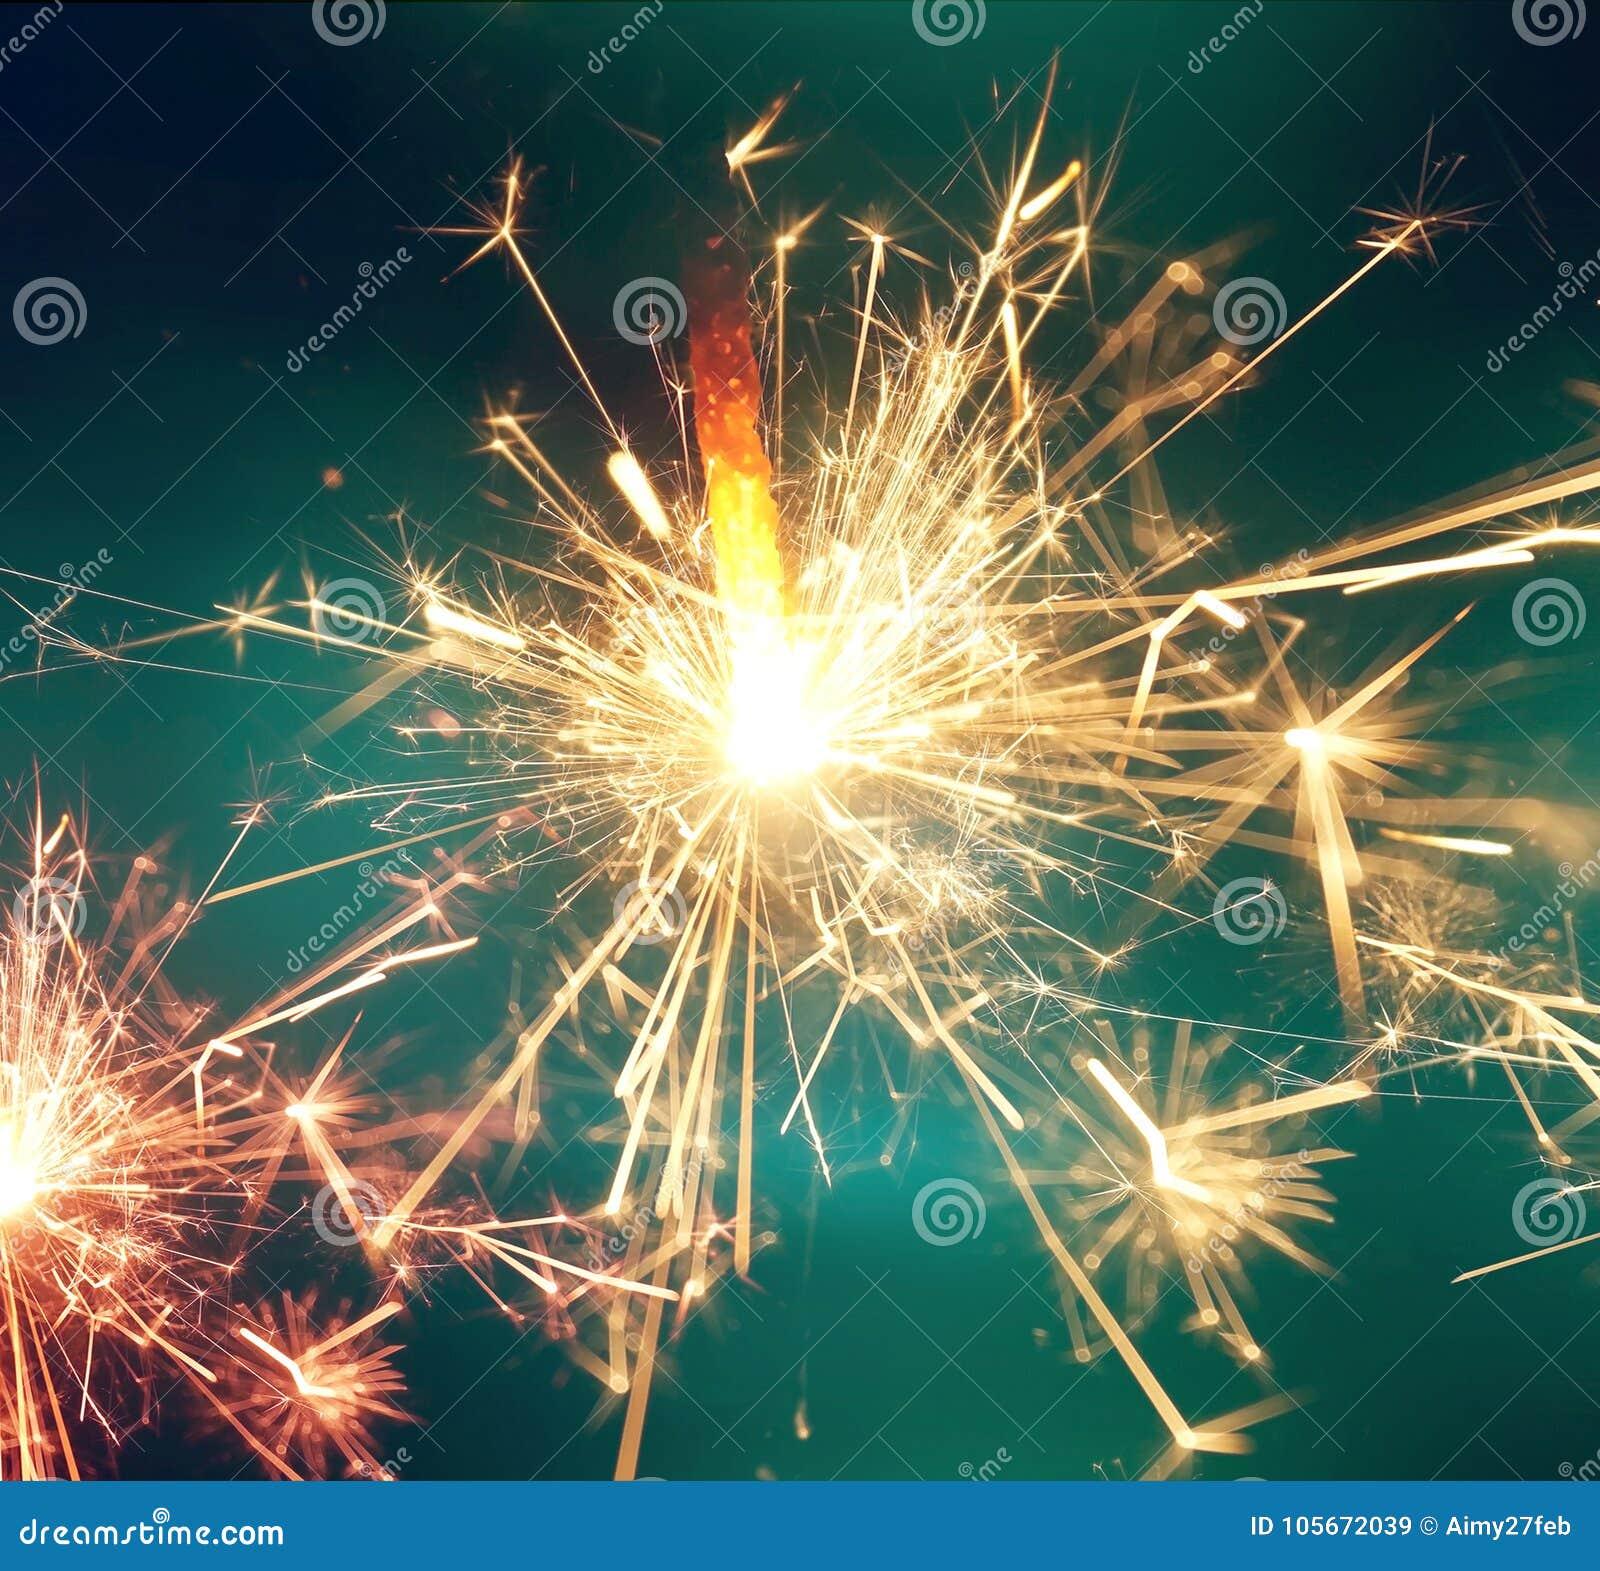 闪烁发光物火 背景庆祝新年度